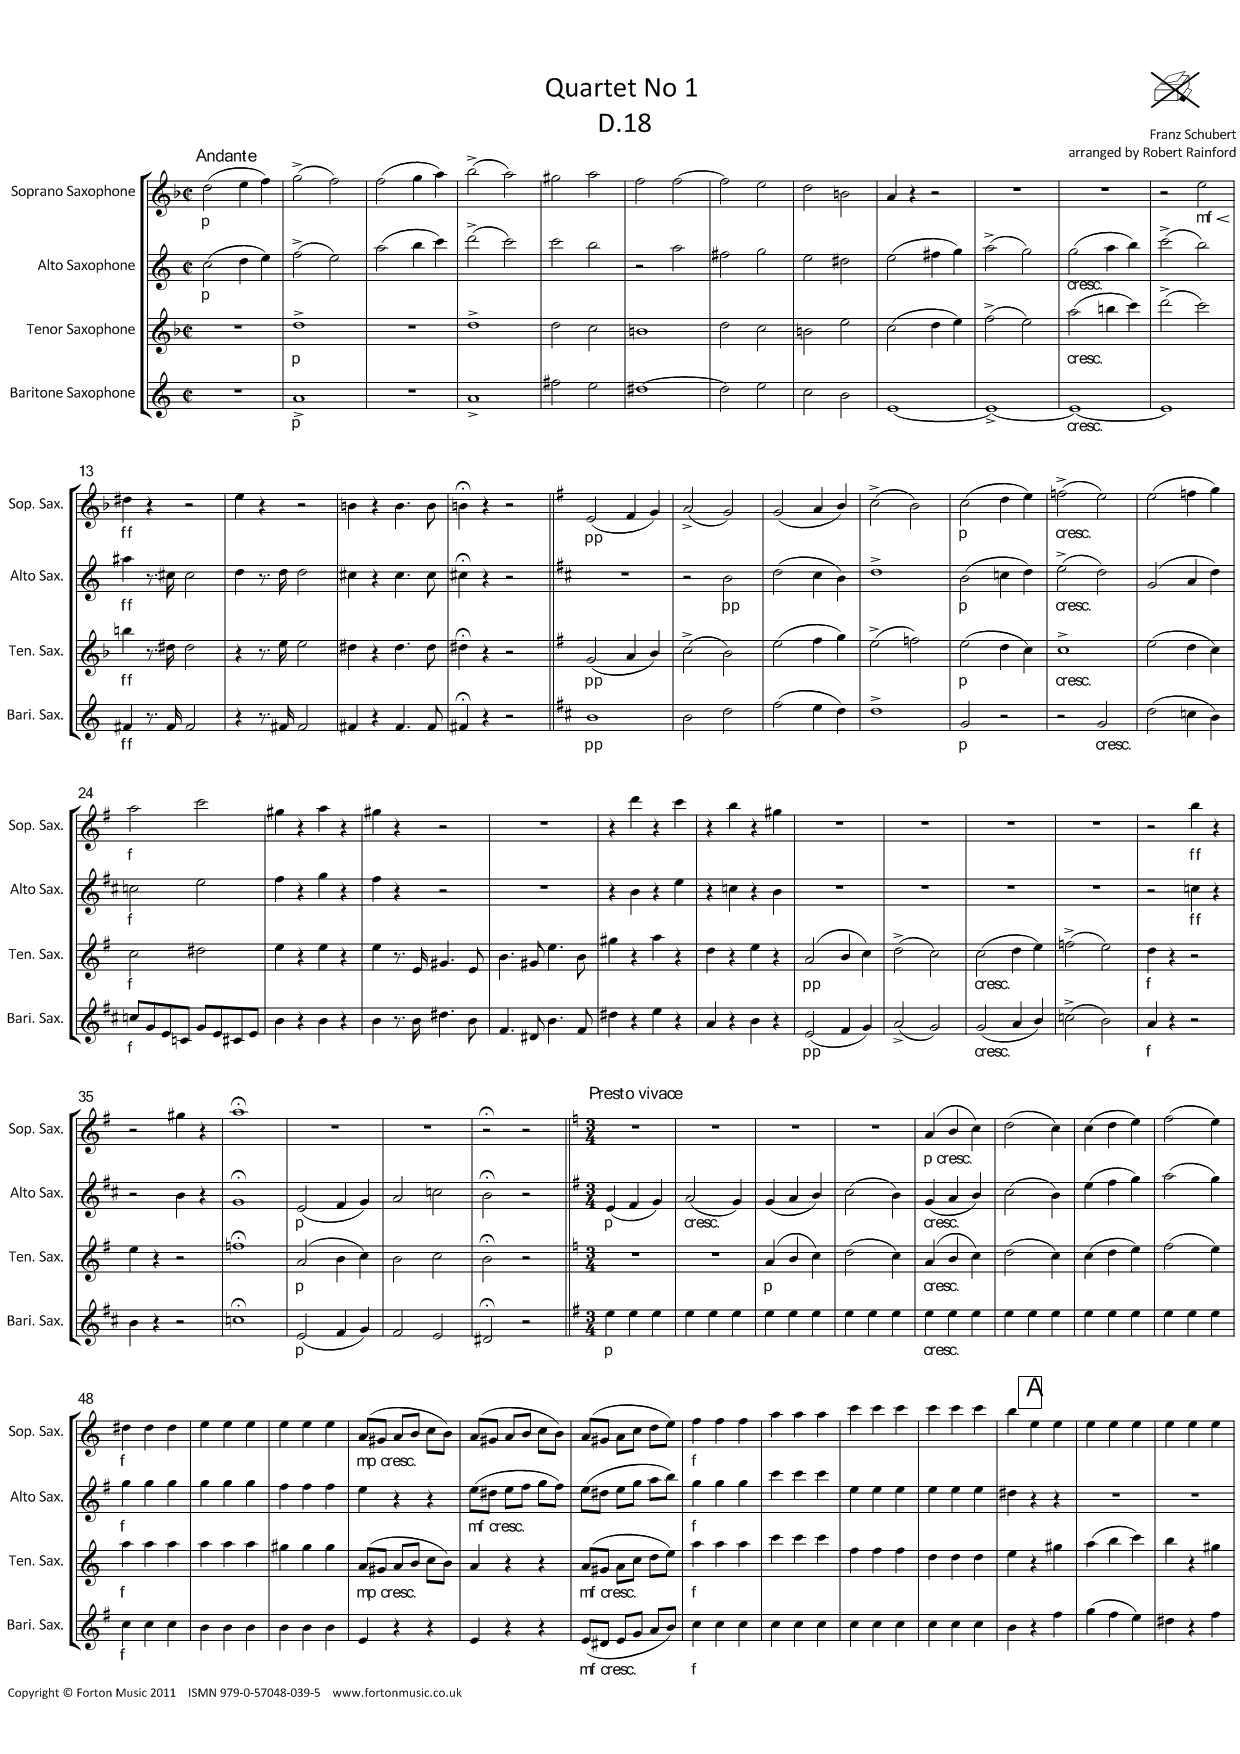 Quartet no 1